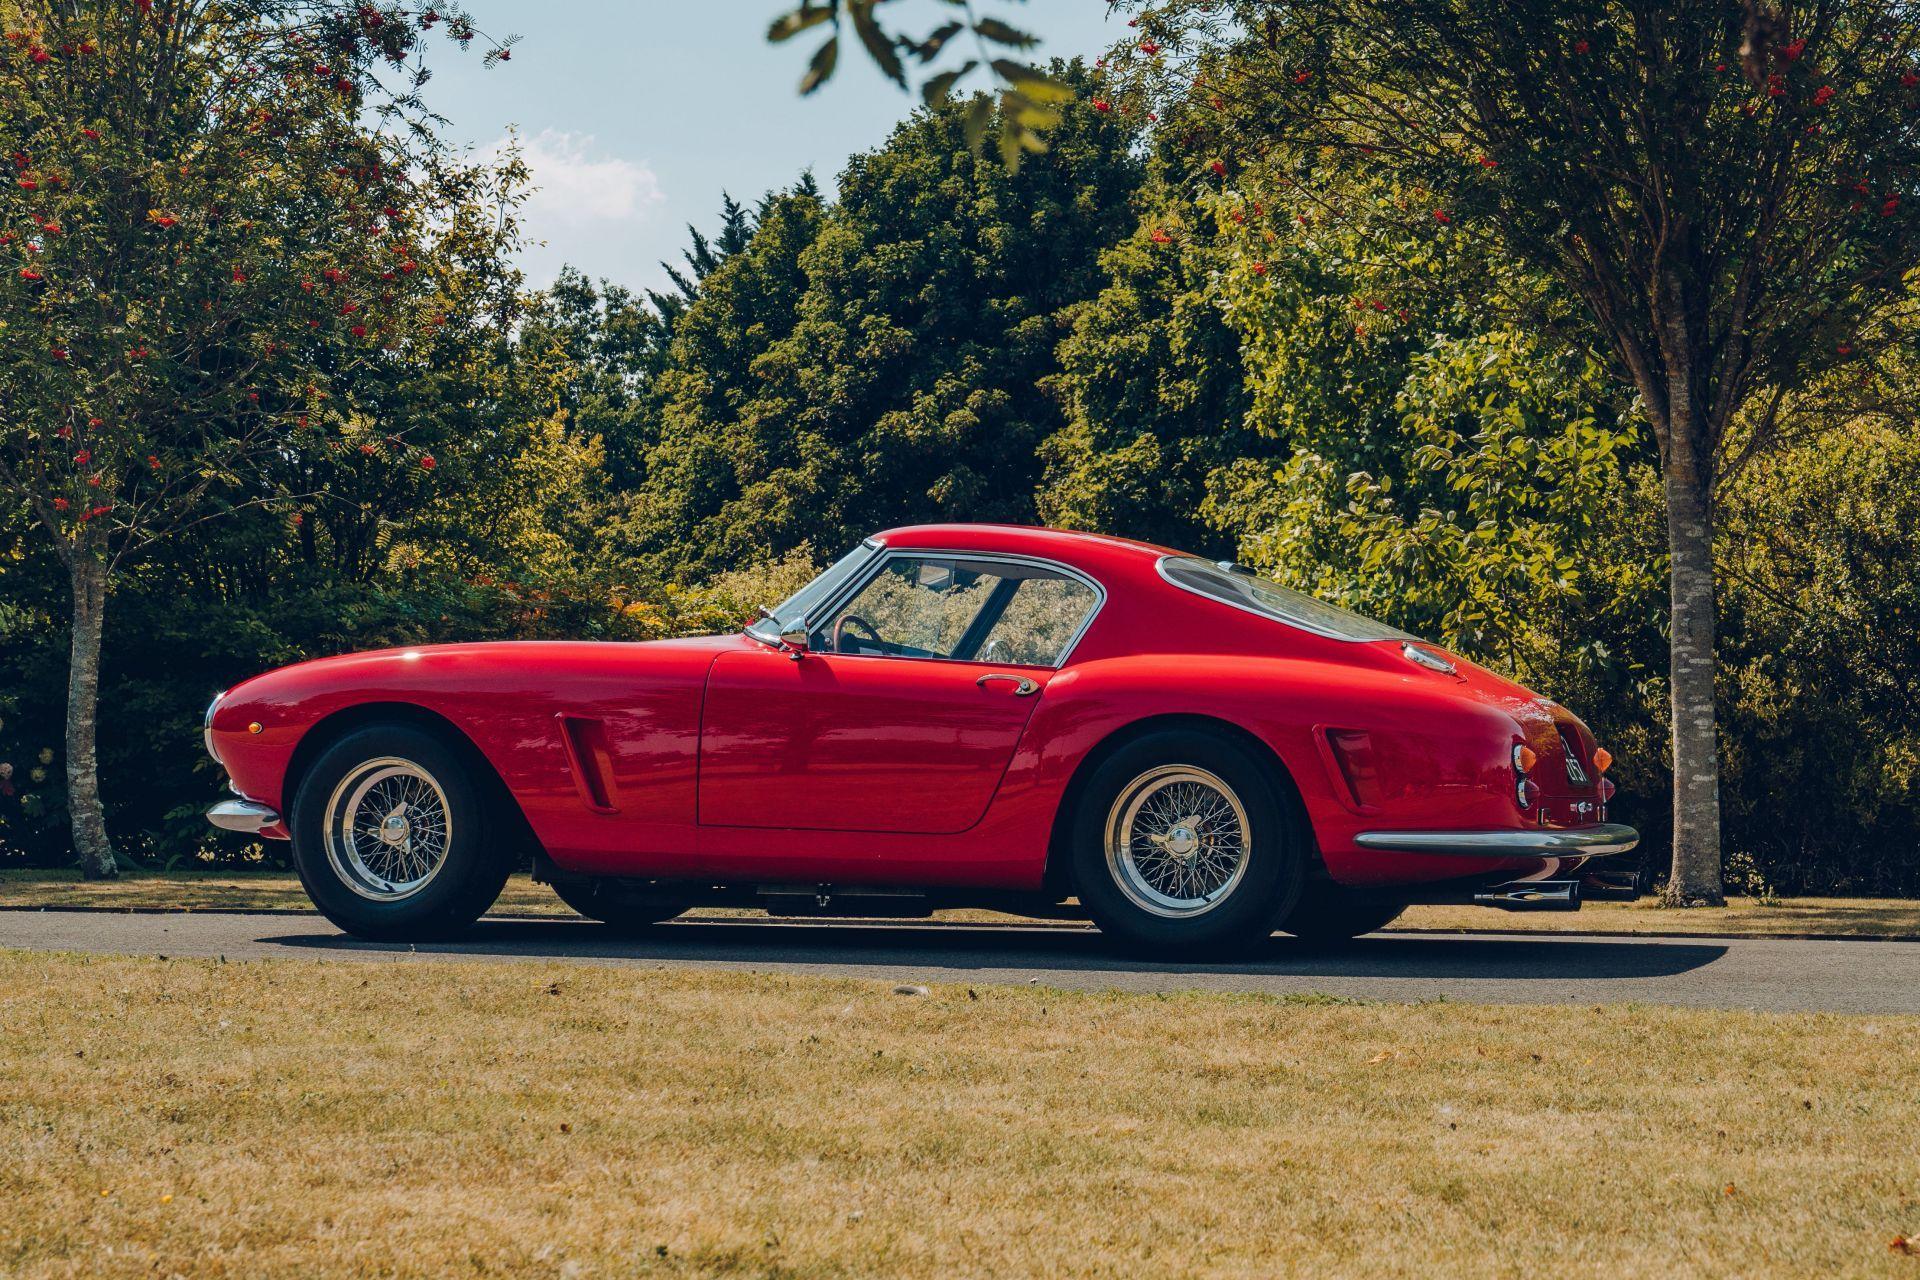 Ferrari-250-GT-SWB-Berlinetta-Competizione-Revival-by-GTO-Engineering-40